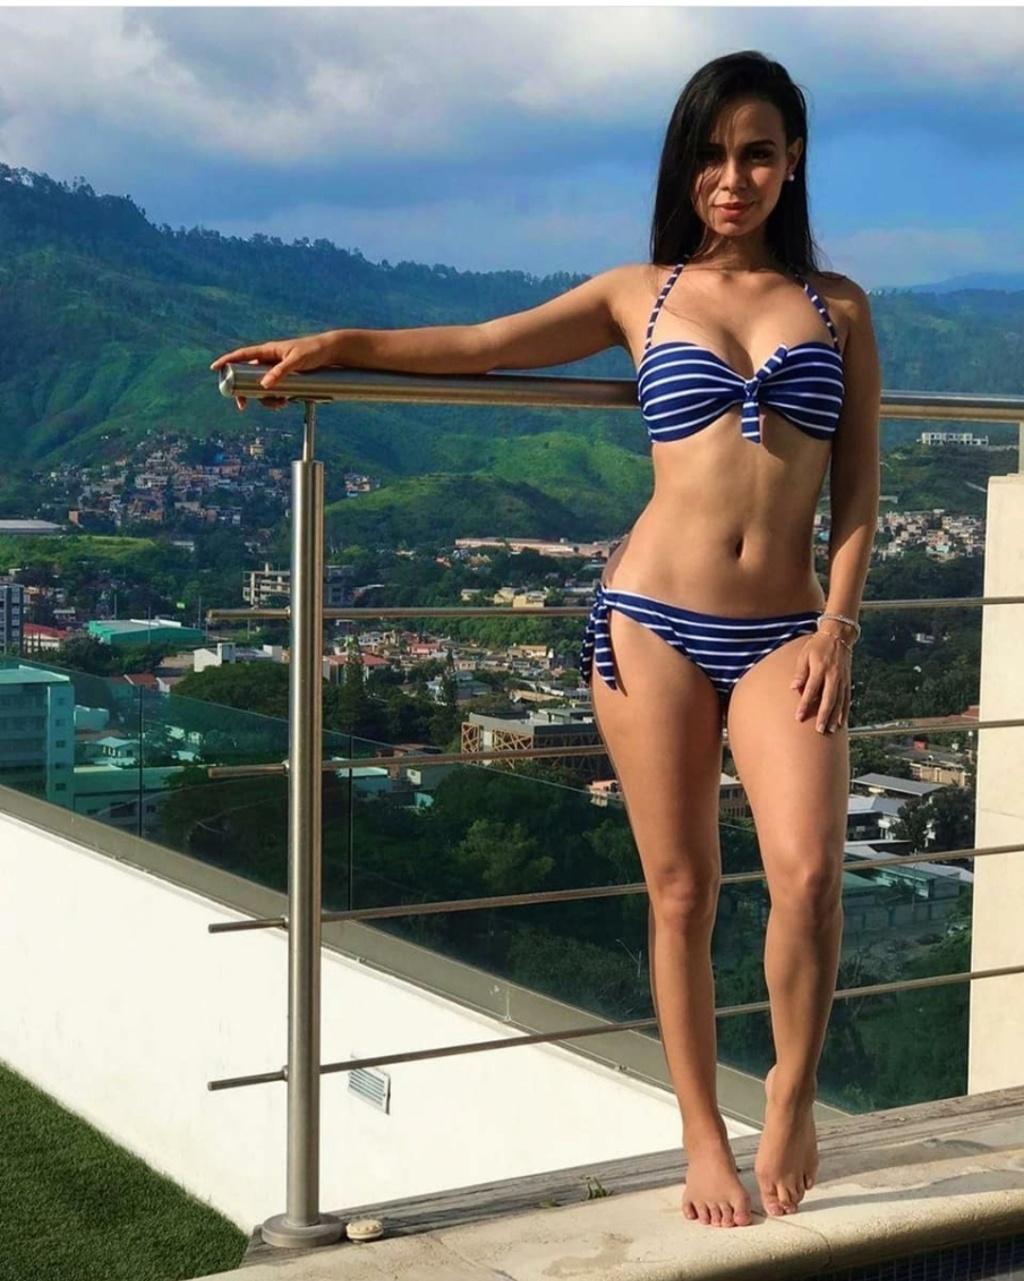 DEBATE sobre belleza, guapura y hermosura (fotos de chicas latinas, mestizas, y de todo) - VOL II - Página 3 Img_2521